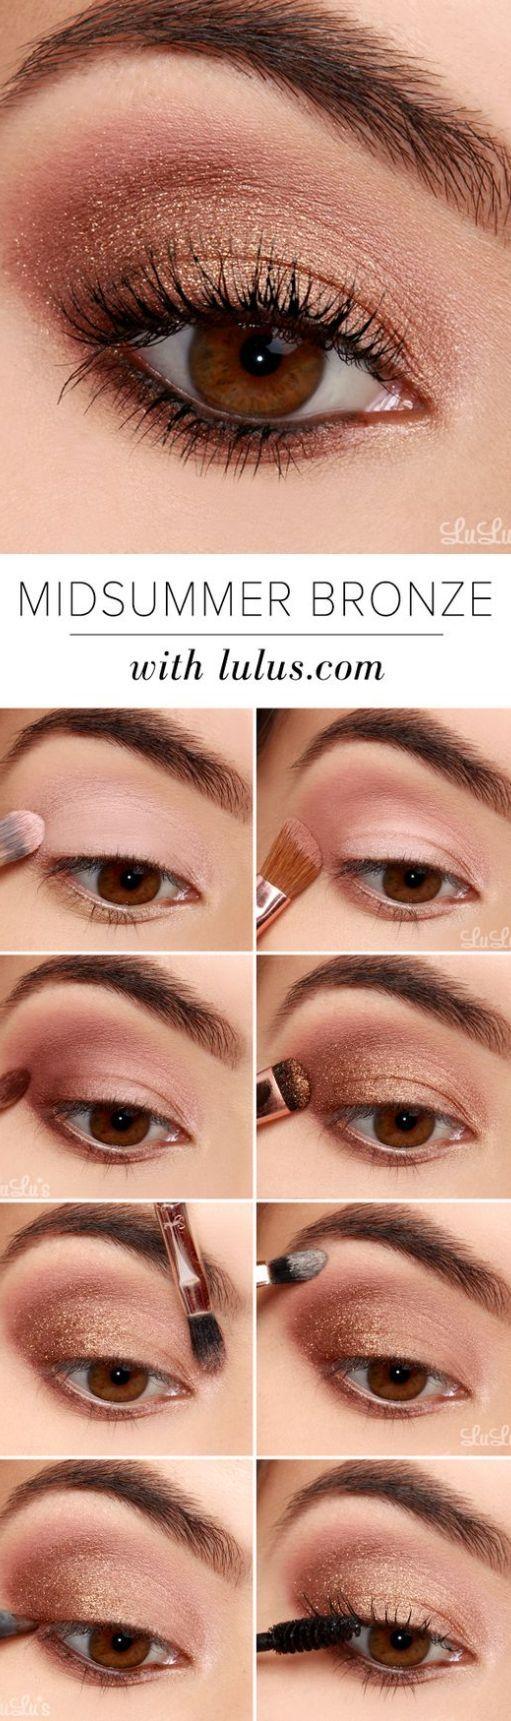 16 Easy Step-by-Step Eyeshadow Tutorials for Beginners #browneyeshadow